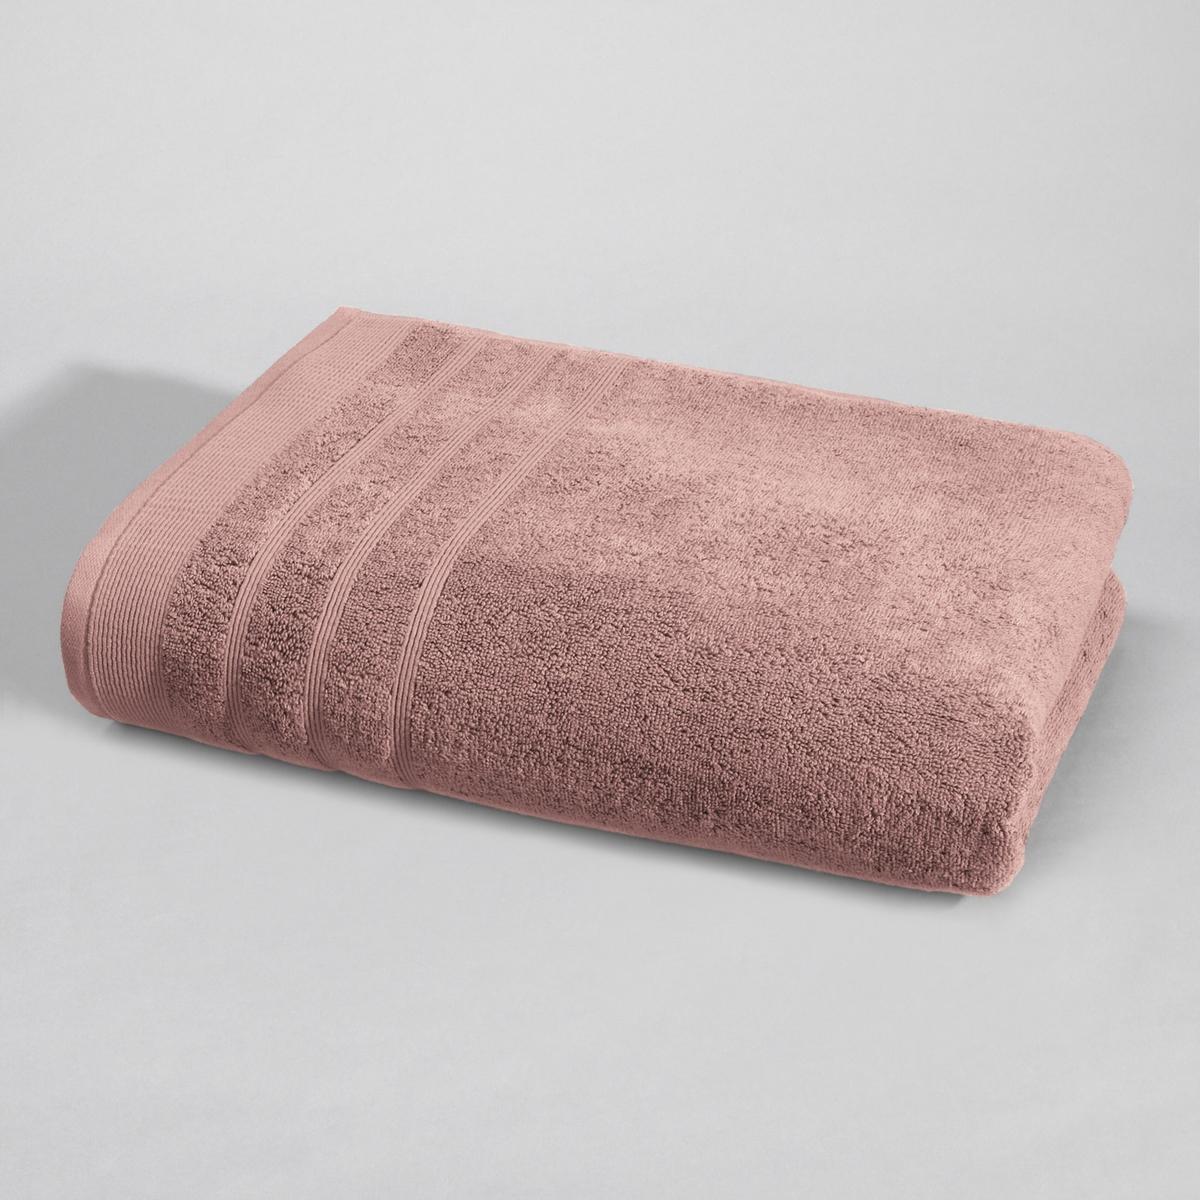 Полотенце банное 600 г/м?, Качество BestБольшое банное полотенце отлично притывает влагу, даря тем самым невероятный комфорт.Описание большого  банного полотенца :Качество BEST.Махровая ткань 100 % хлопка. Машинная стирка при 60°.Размеры большого банного полотенца:100 x 150 см.<br><br>Цвет: розовая пудра